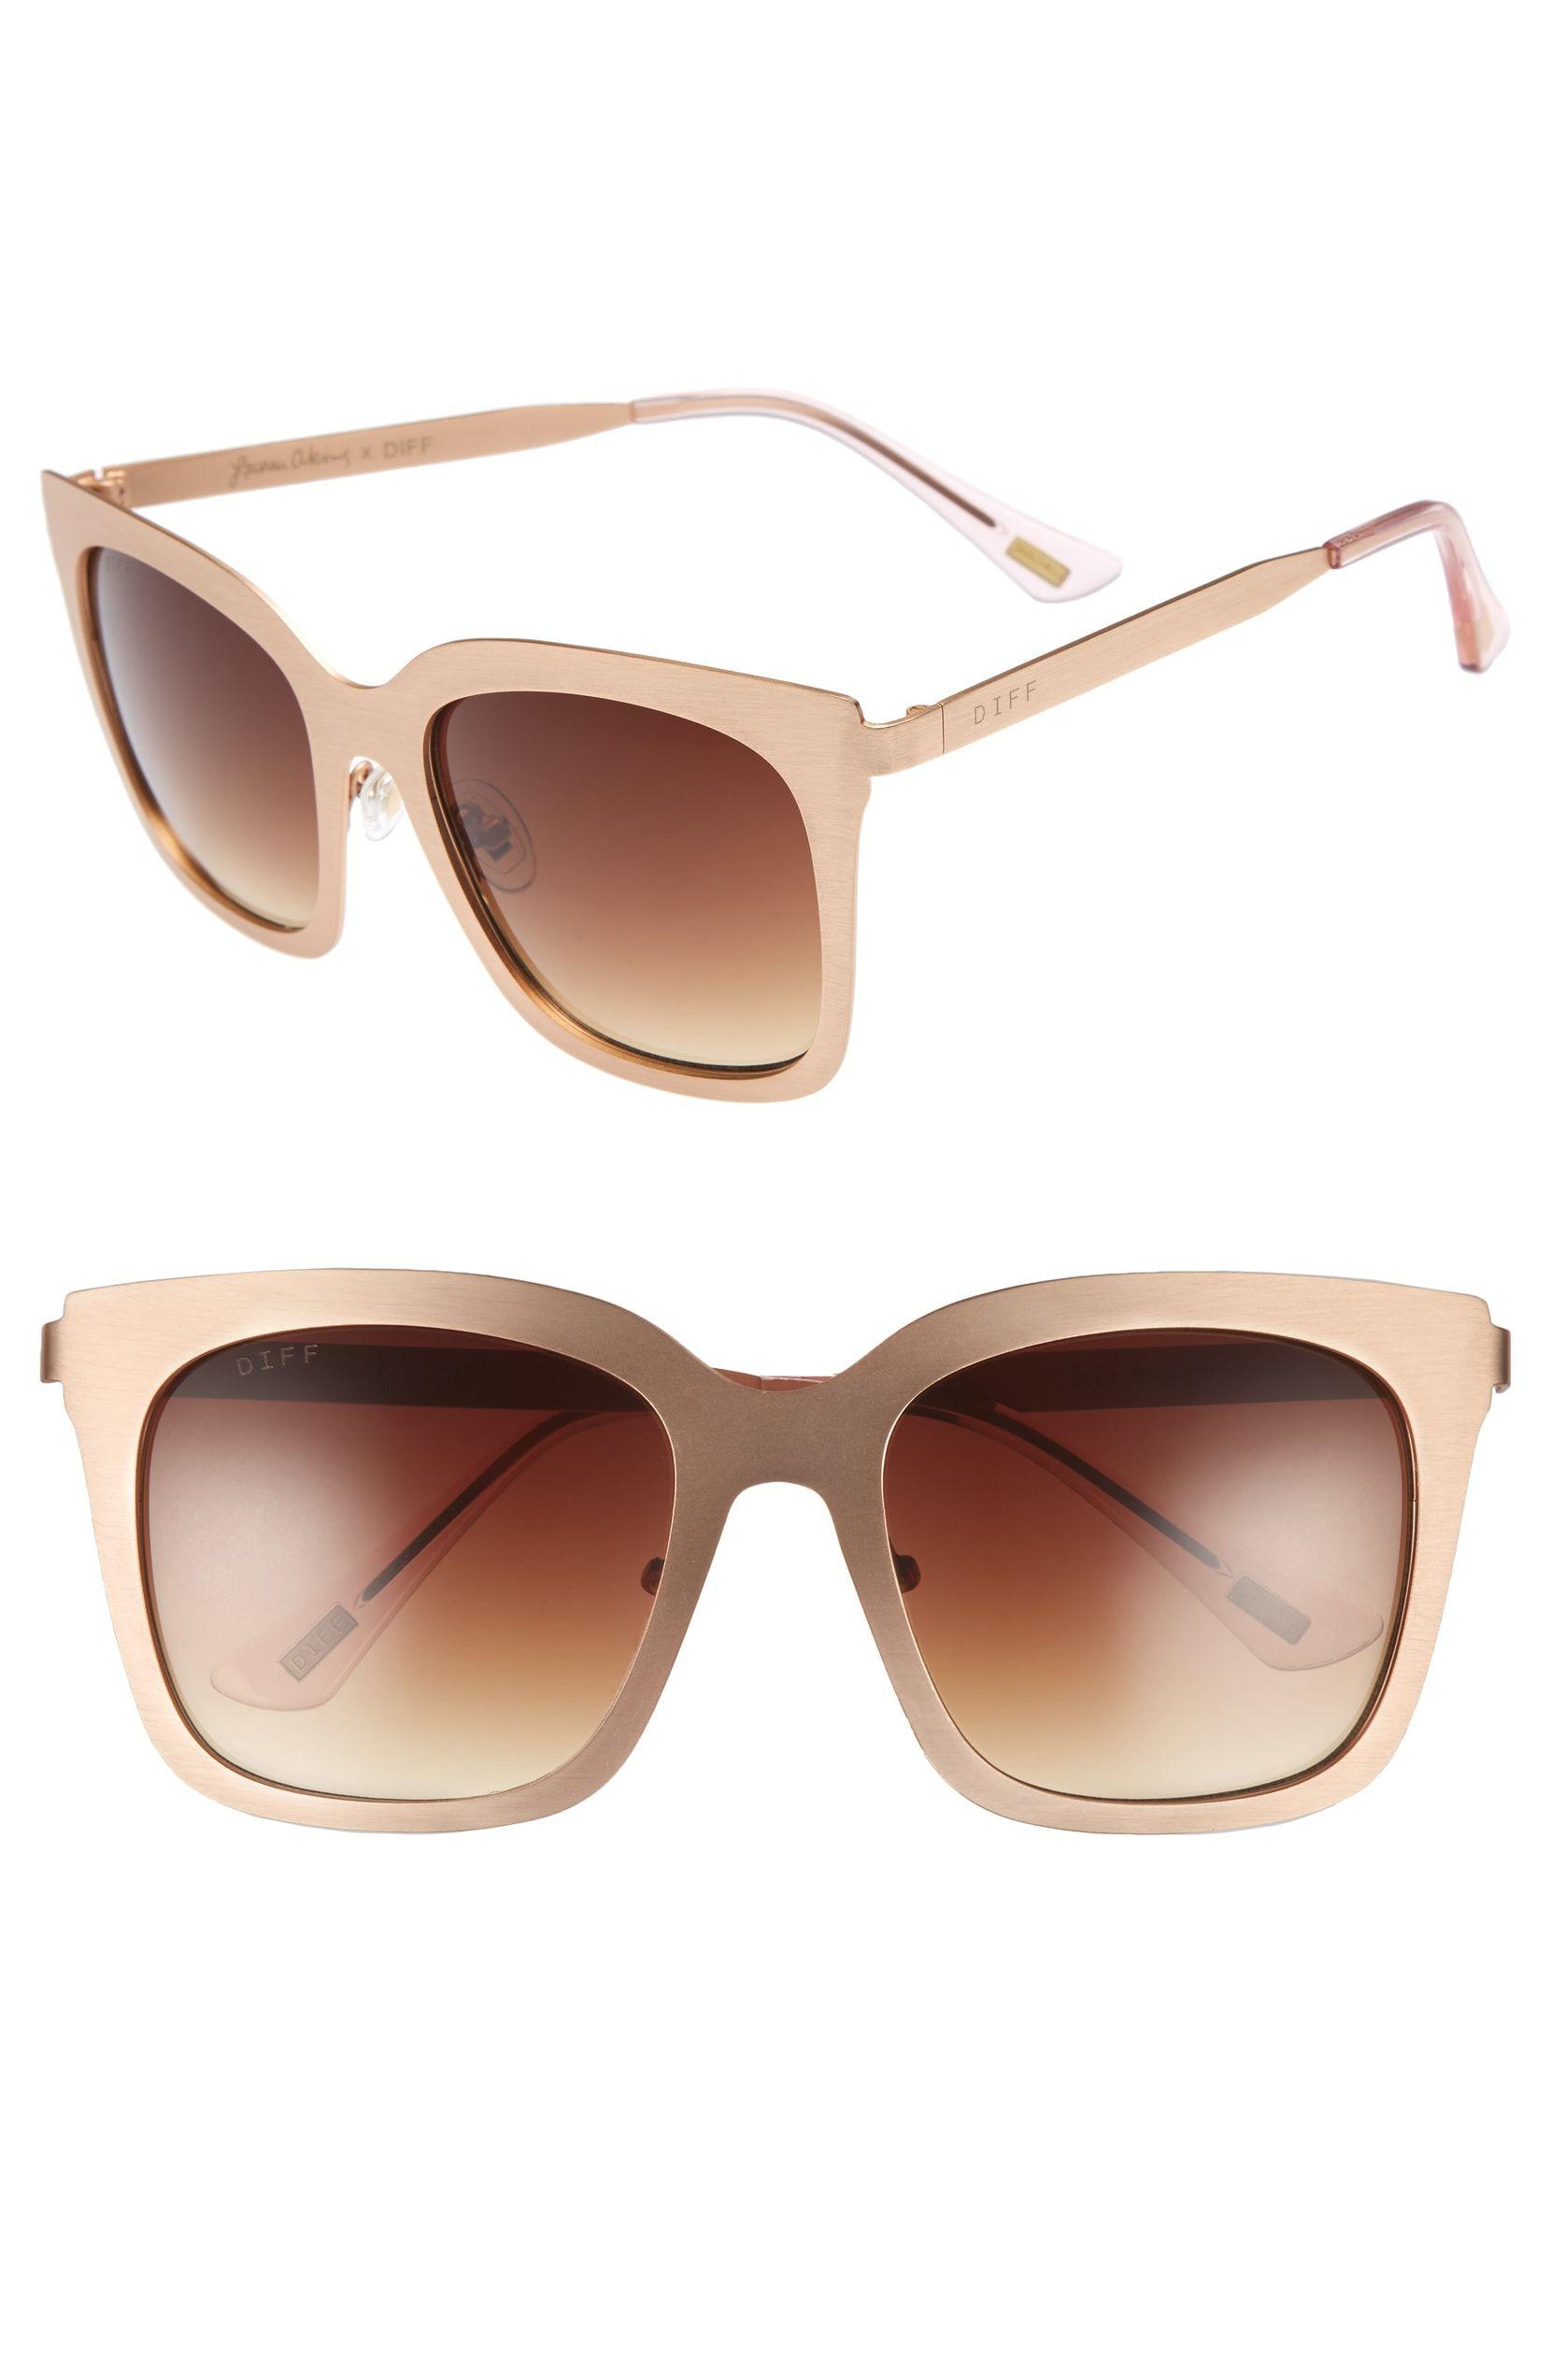 2f68caca00 x Lauren Akins Ella 53mm Cat Eye Sunglasses